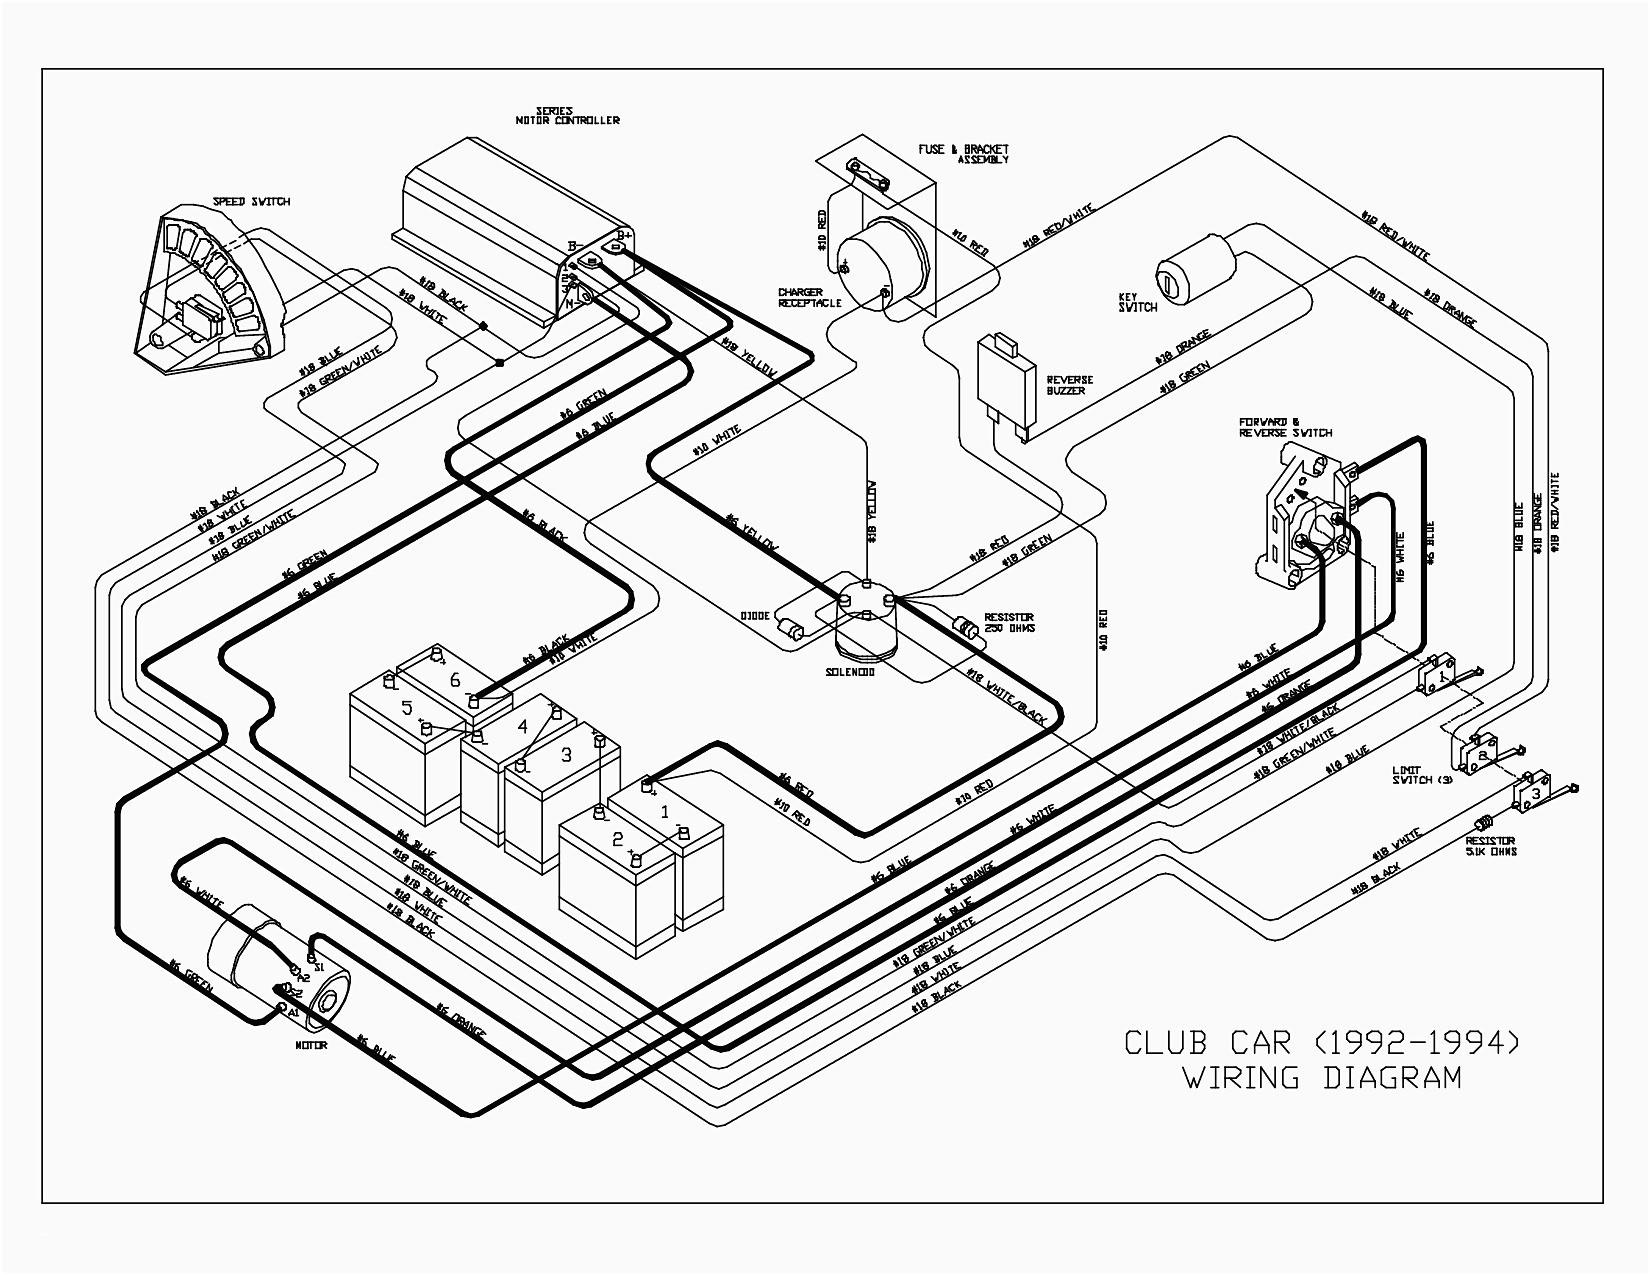 Wiring Diagram For Gas Club Car Golf Cart Fresh Club Car Golf Cart